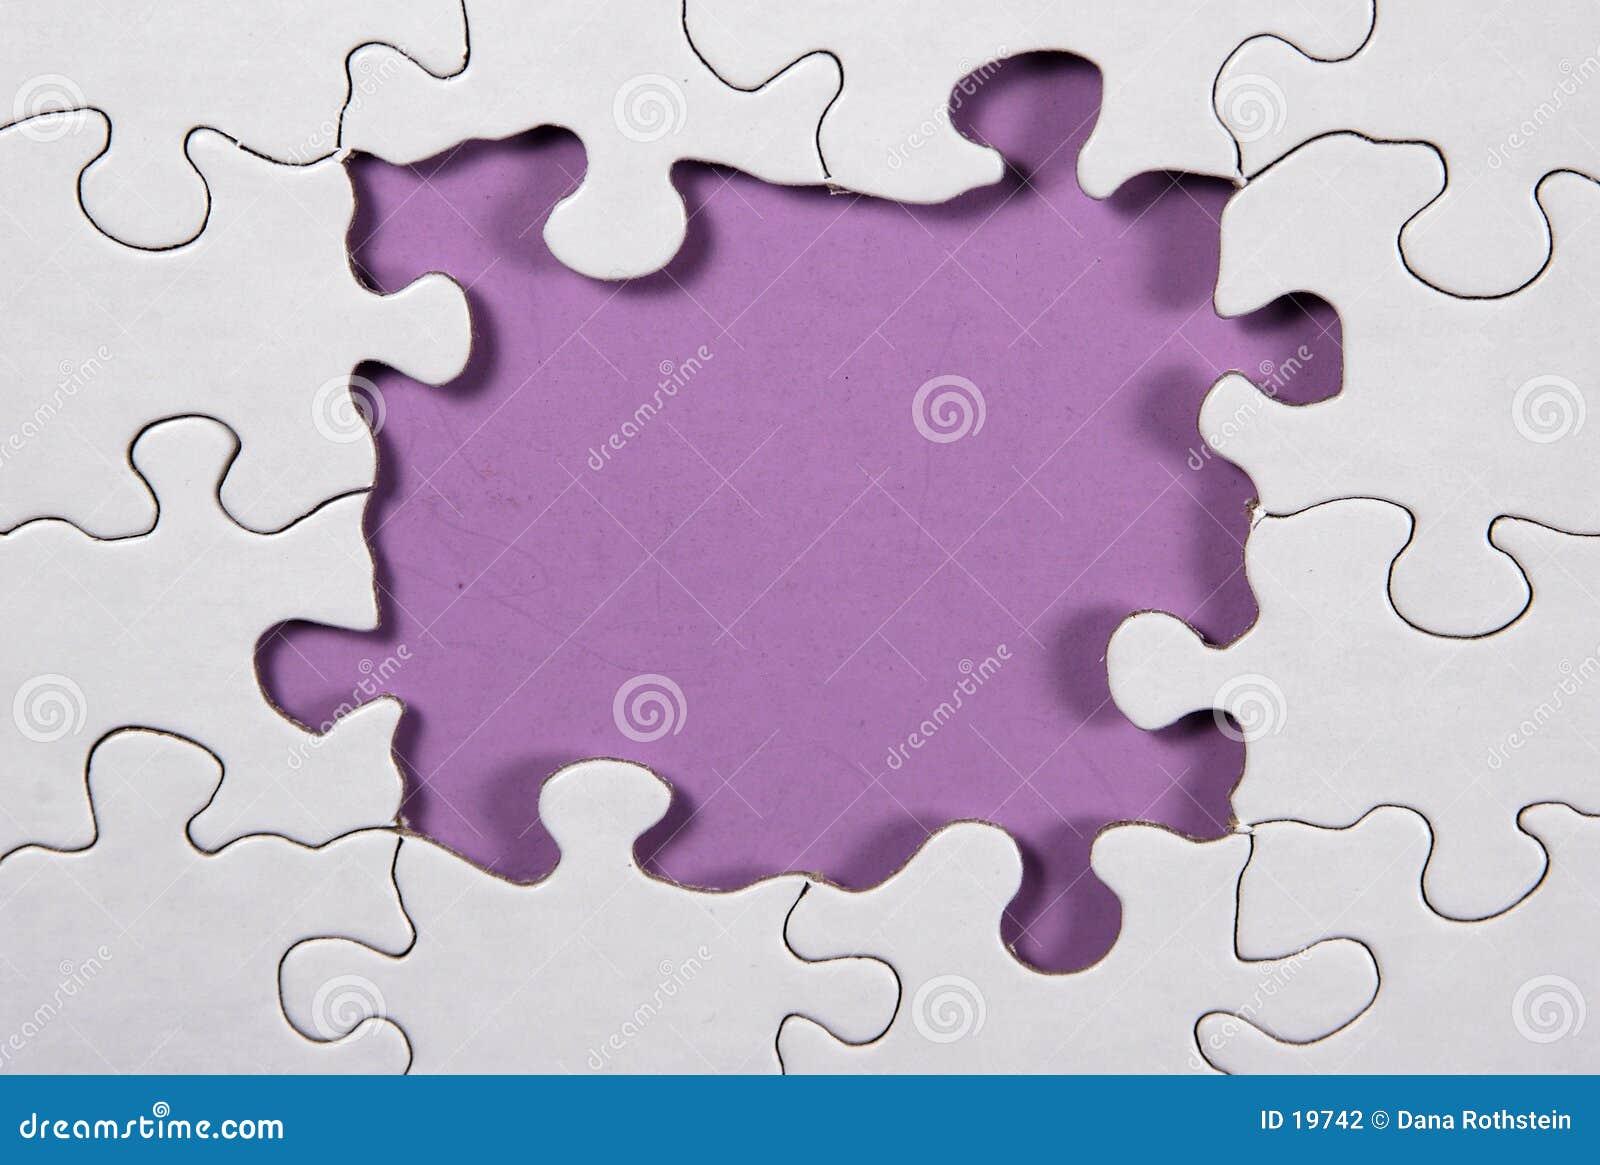 Rompecabezas con el fondo púrpura